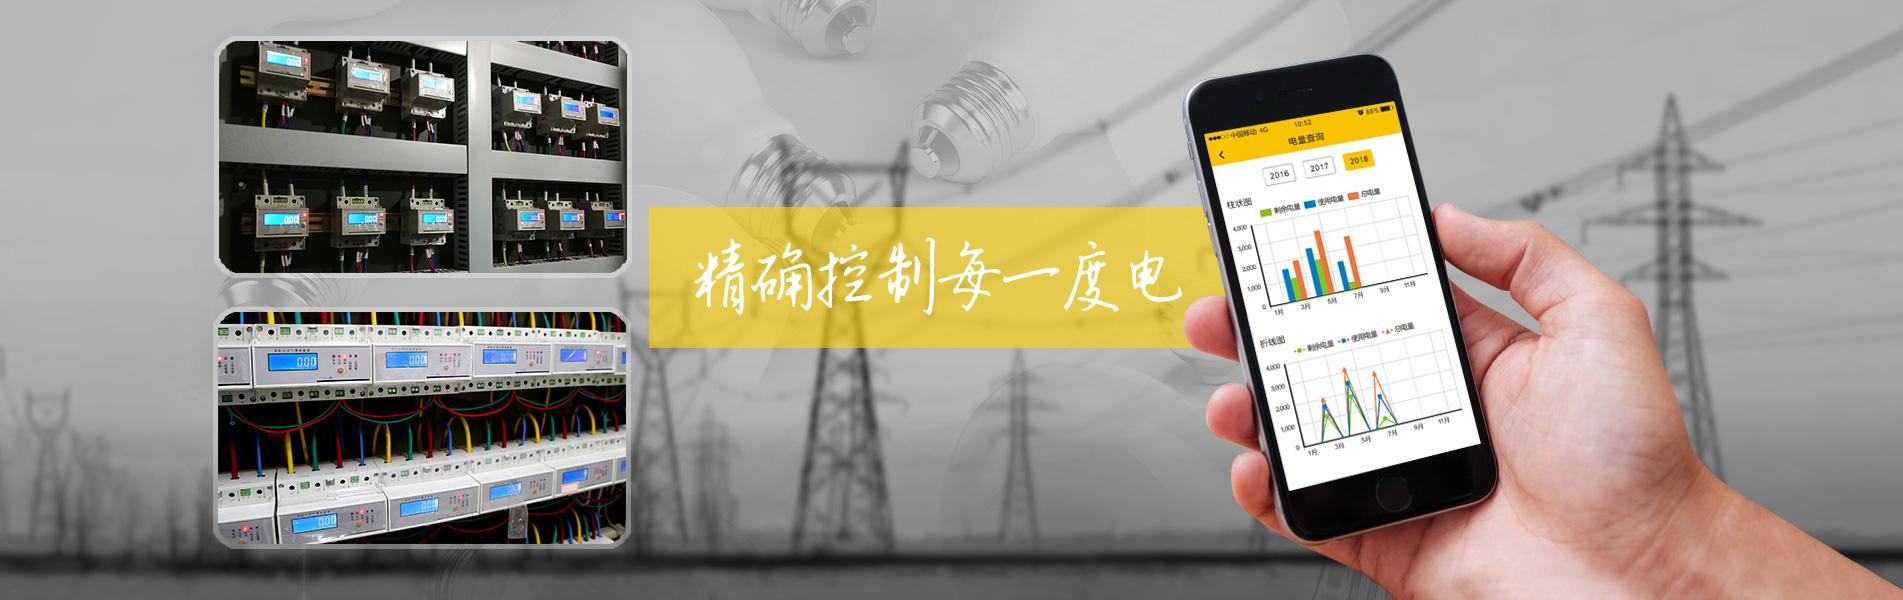 導軌電能表_多功能電力儀表_永諾電氣電力儀表